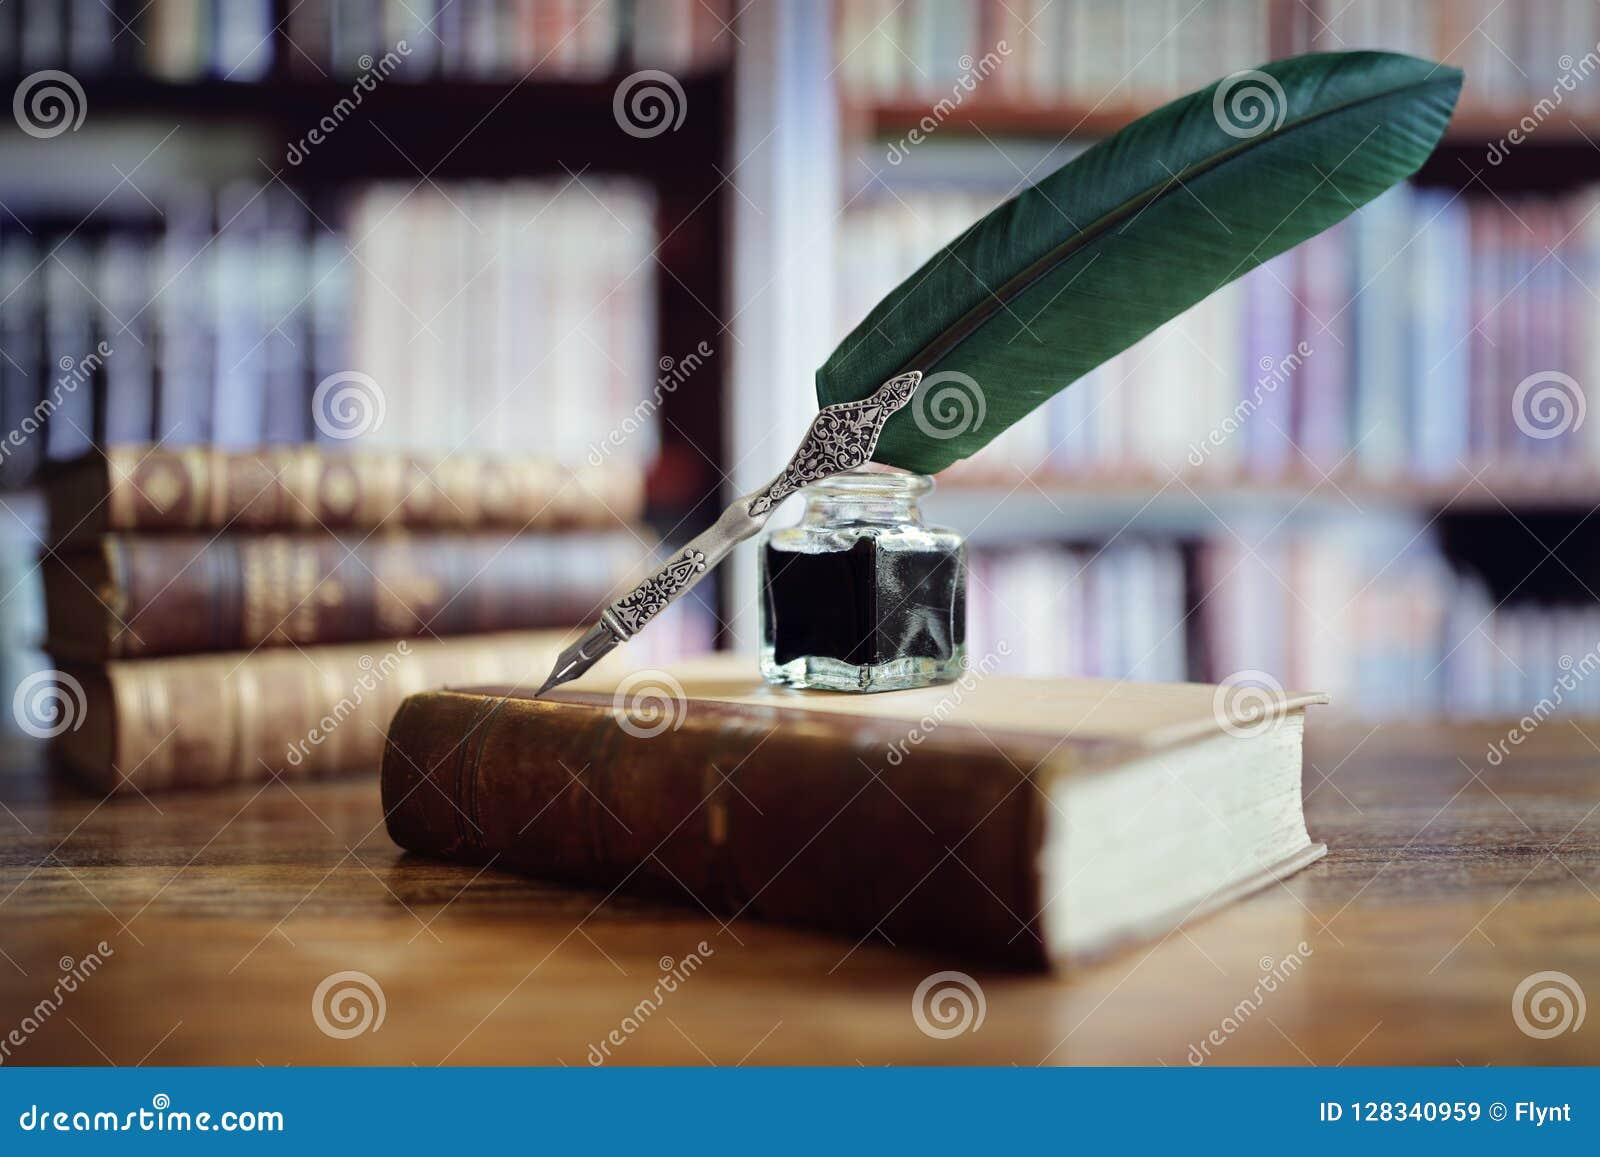 Penna di spoletta su un vecchio libro in una biblioteca